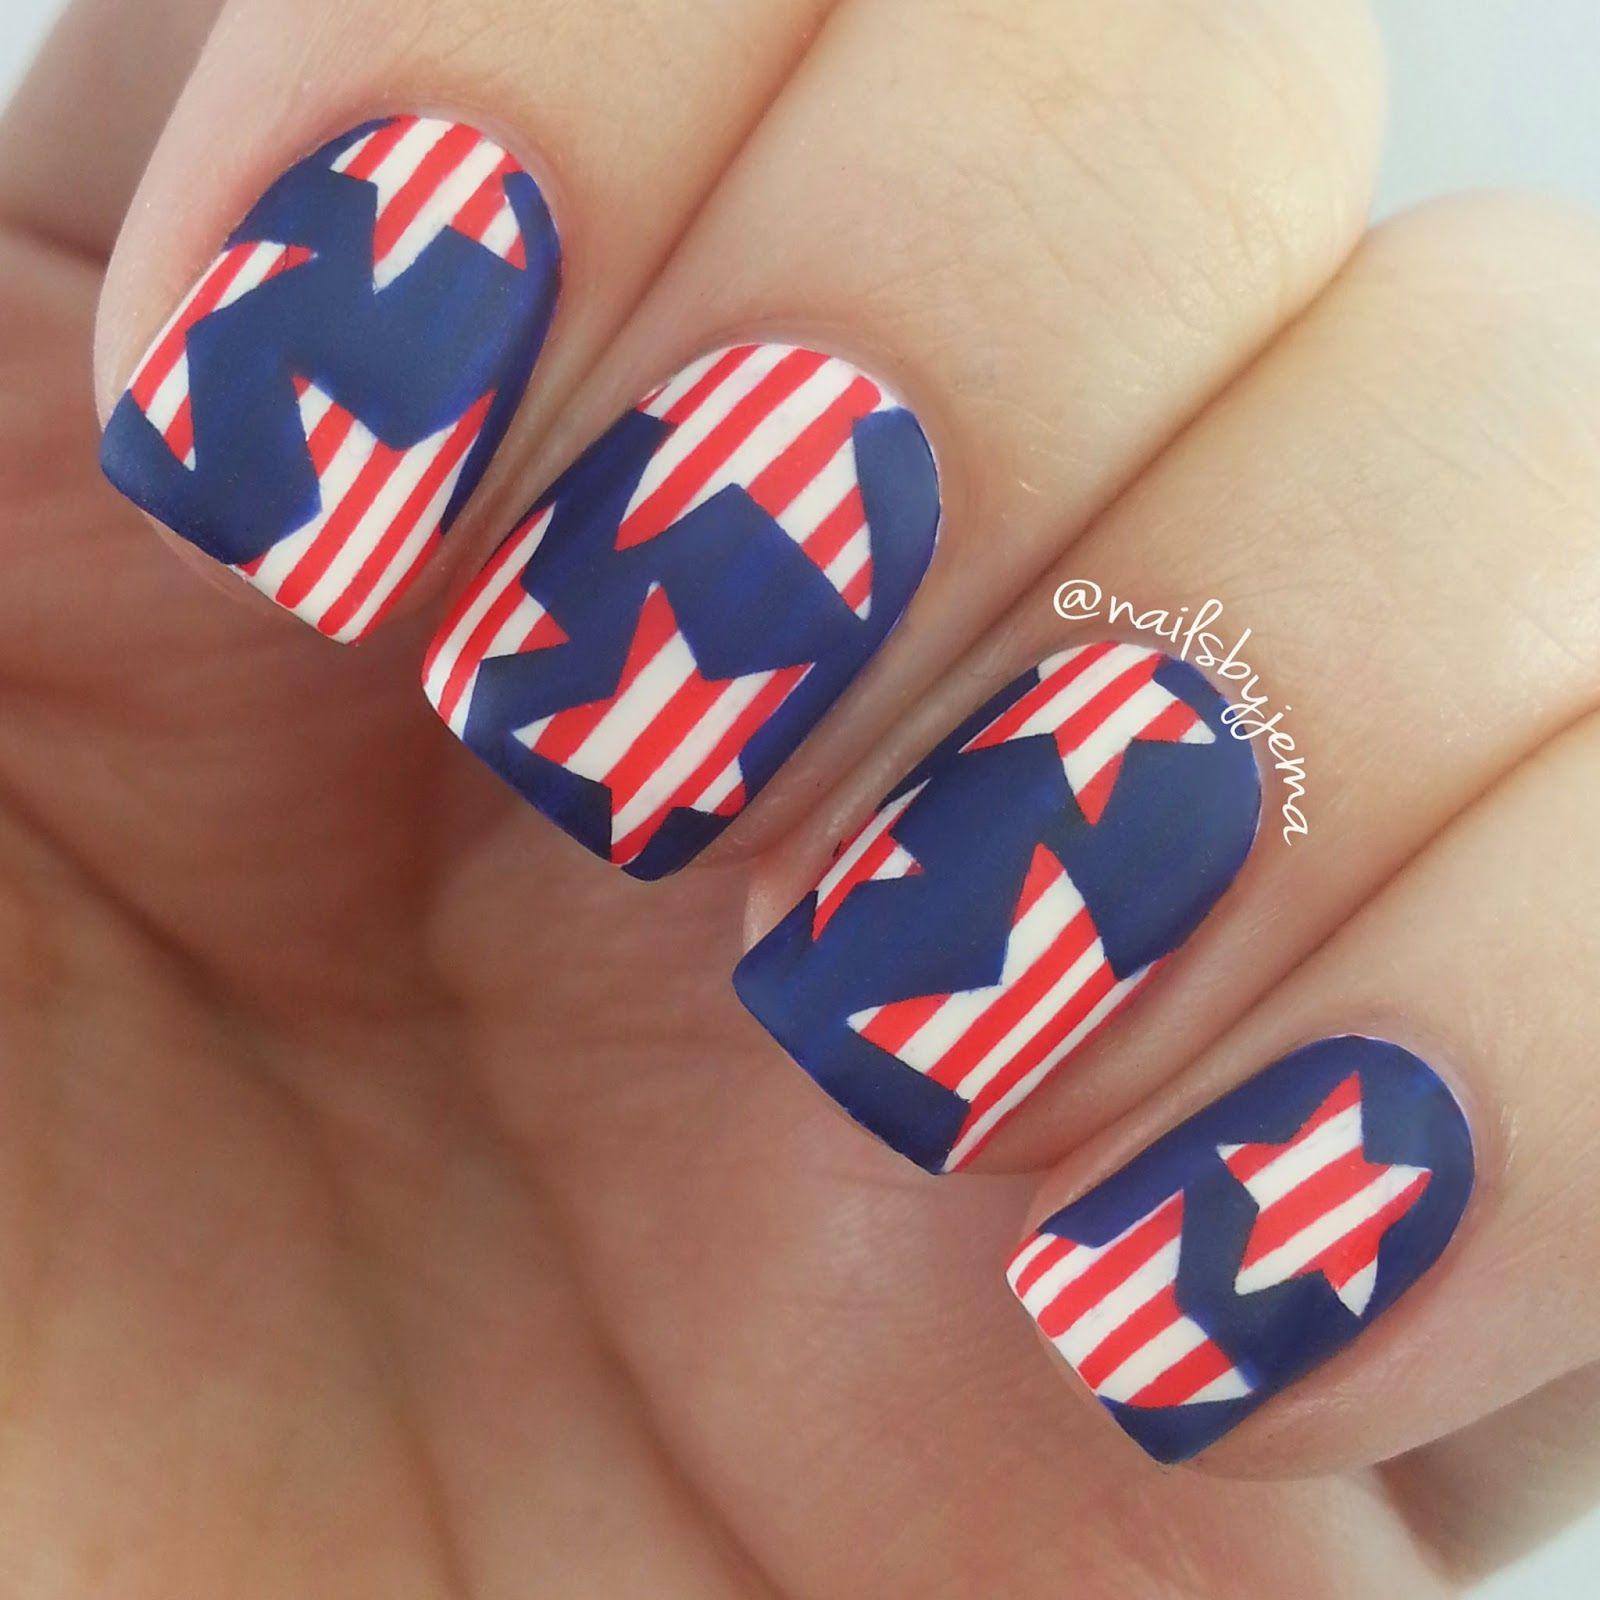 Nails By Jema: 4th Of July Nails | Nails | Pinterest | Nail art blog